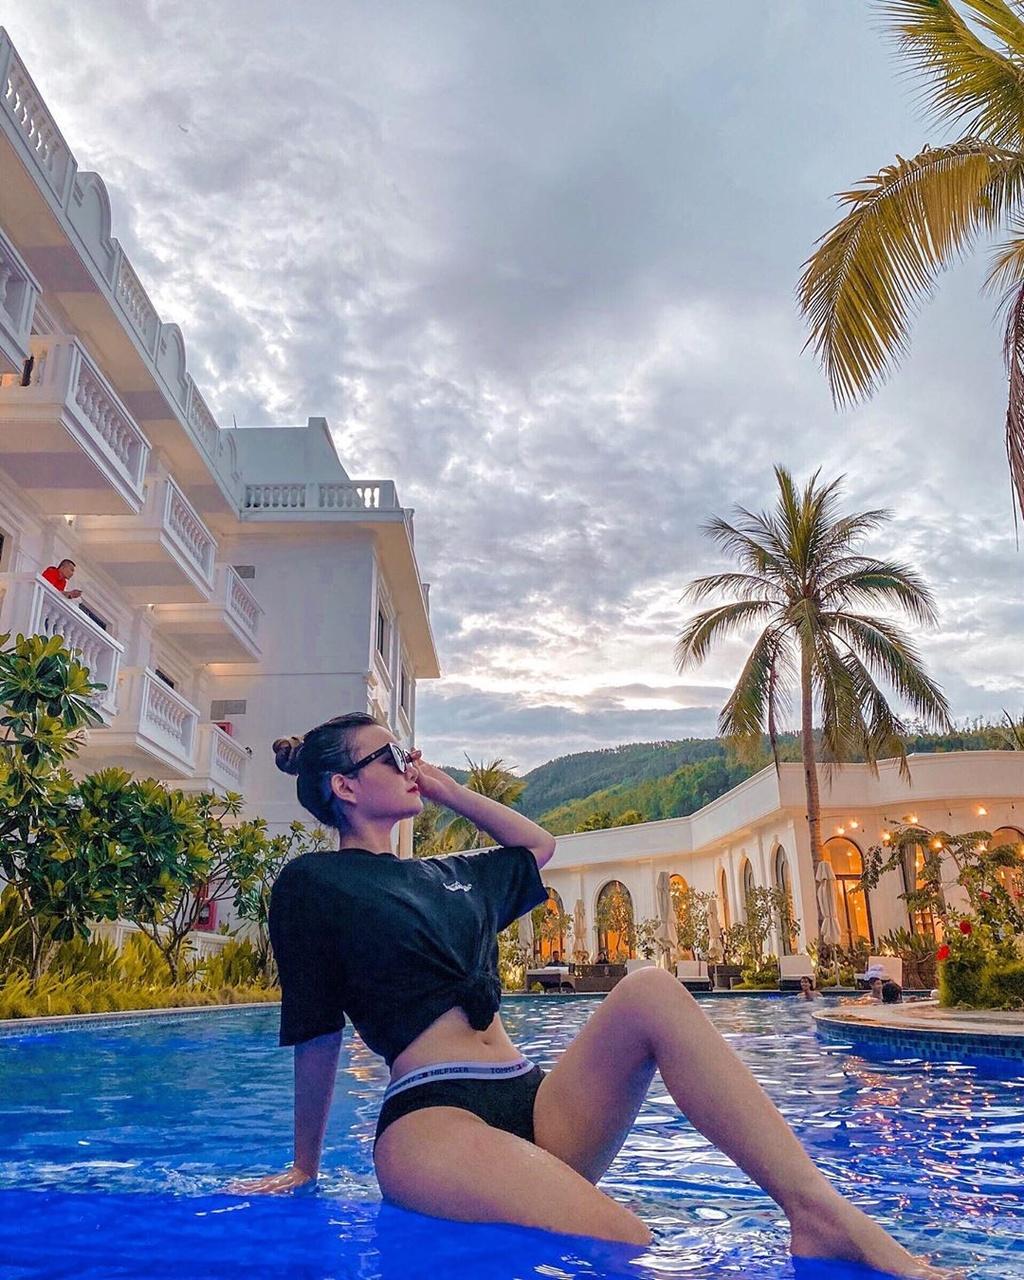 Gợi ý những điểm lưu trú sang chảnh hút khách tại Quy Nhơn